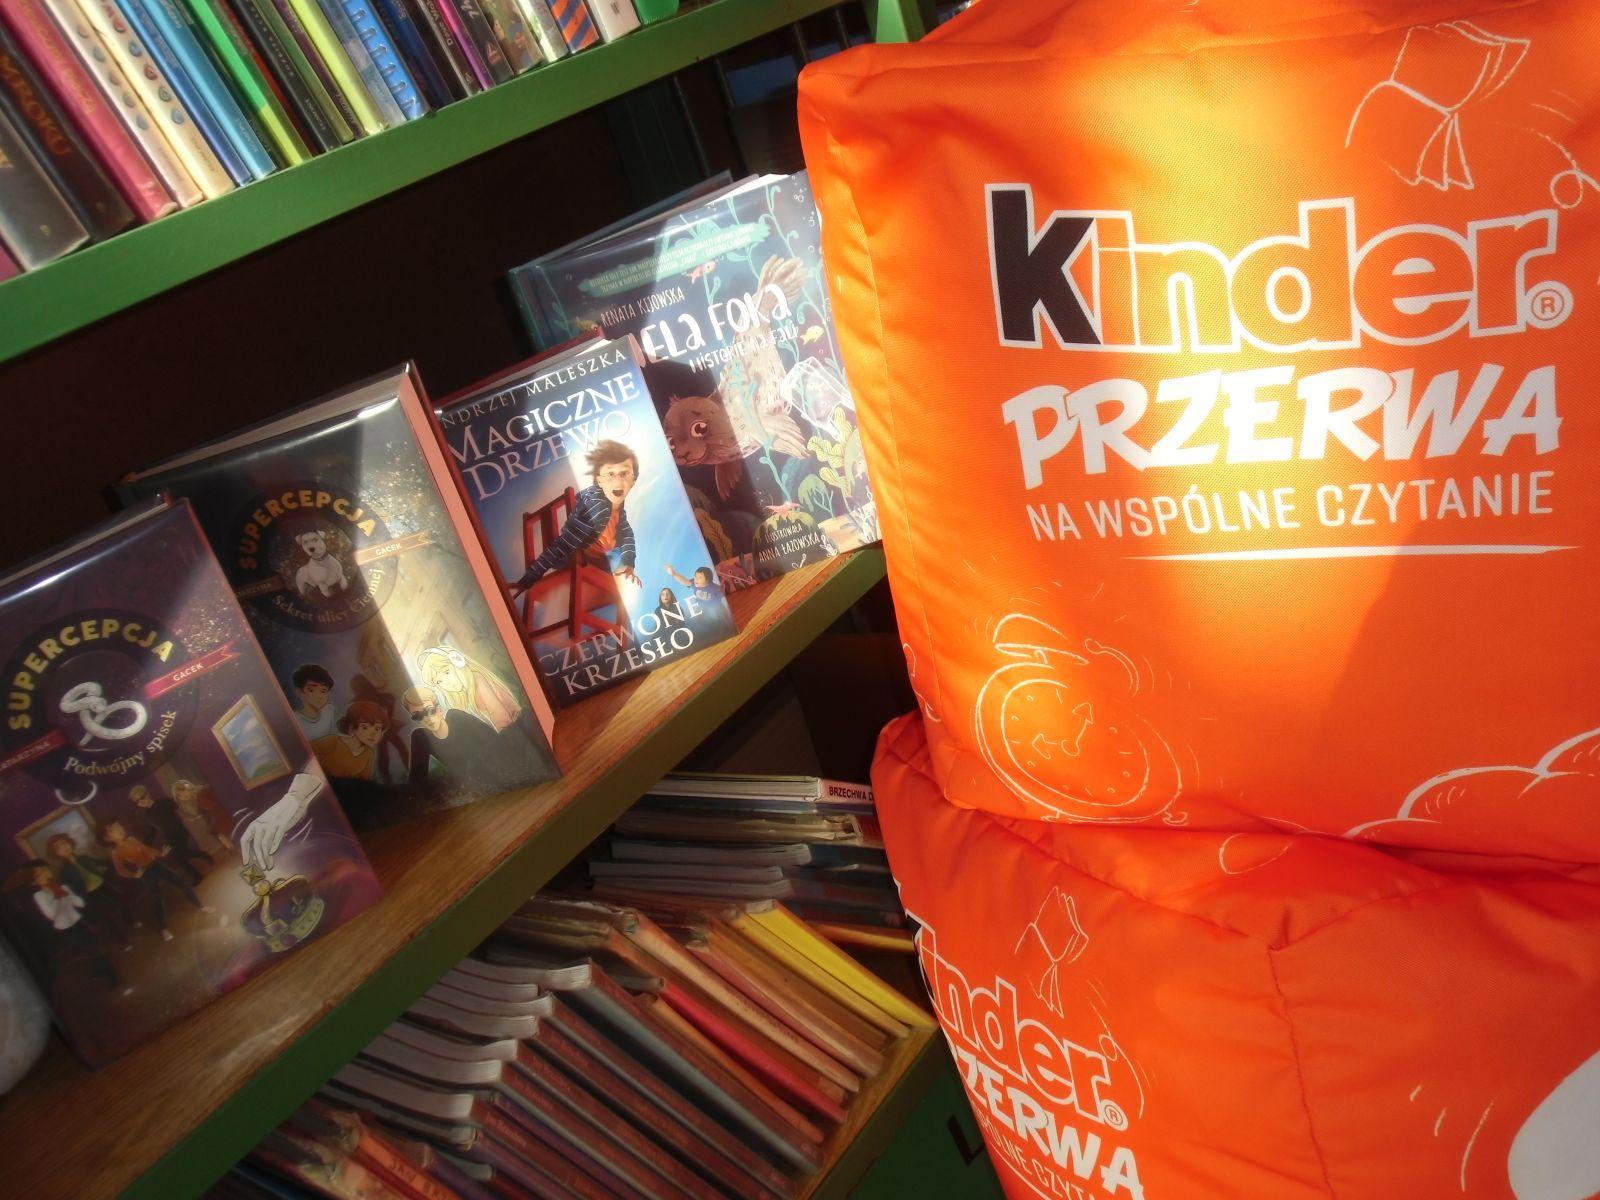 Na zdjęciu po prawej stronie dwie pufy położona jedna na drugą w kolorze pomarańczowym, po lewej stronie regał z książkami dla młodzieży.